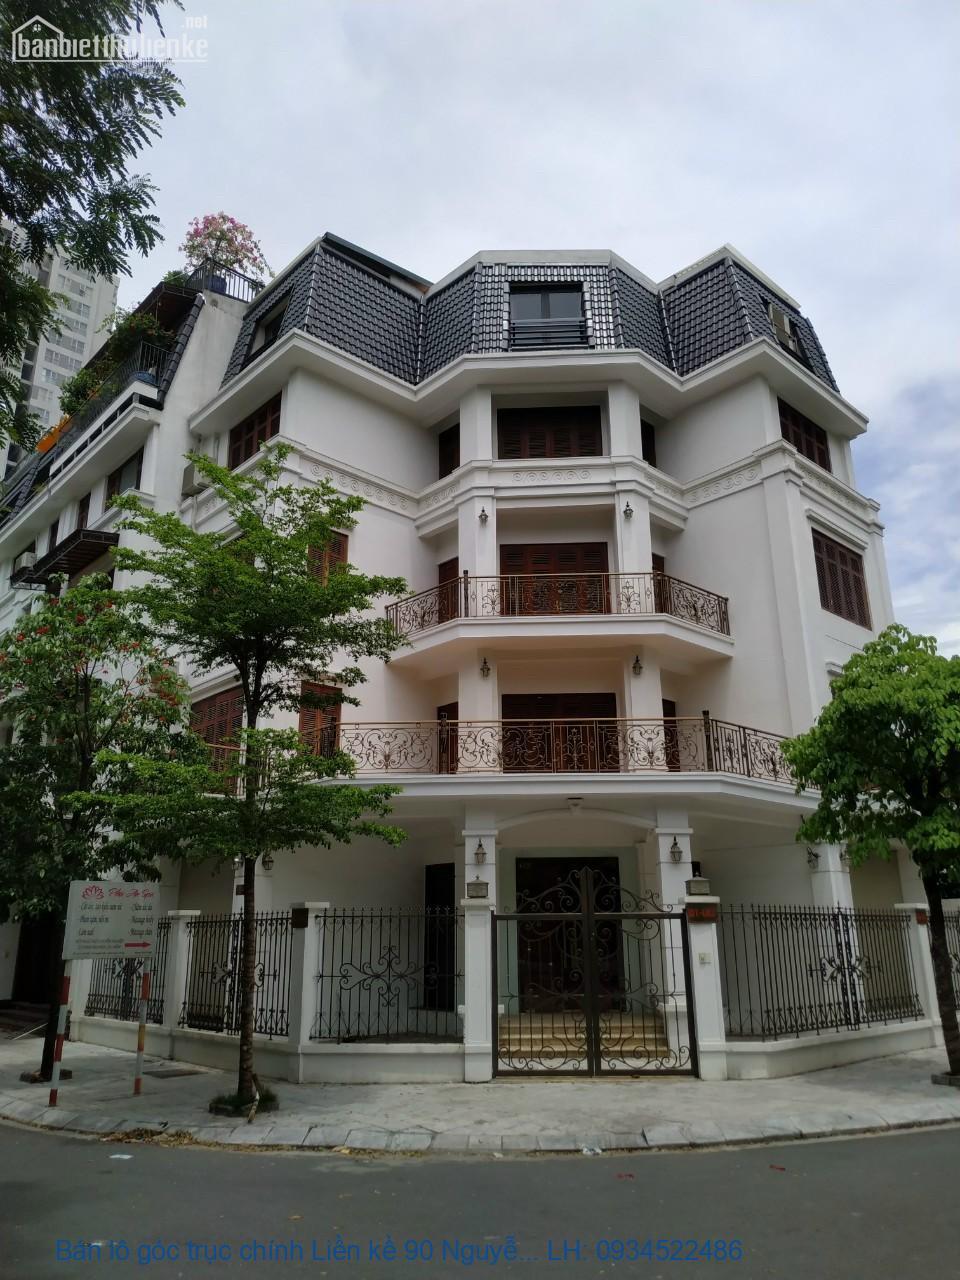 Bán lô góc trục chính Liền kề 90 Nguyễn Tuân 165m2, kinh doanh tốt